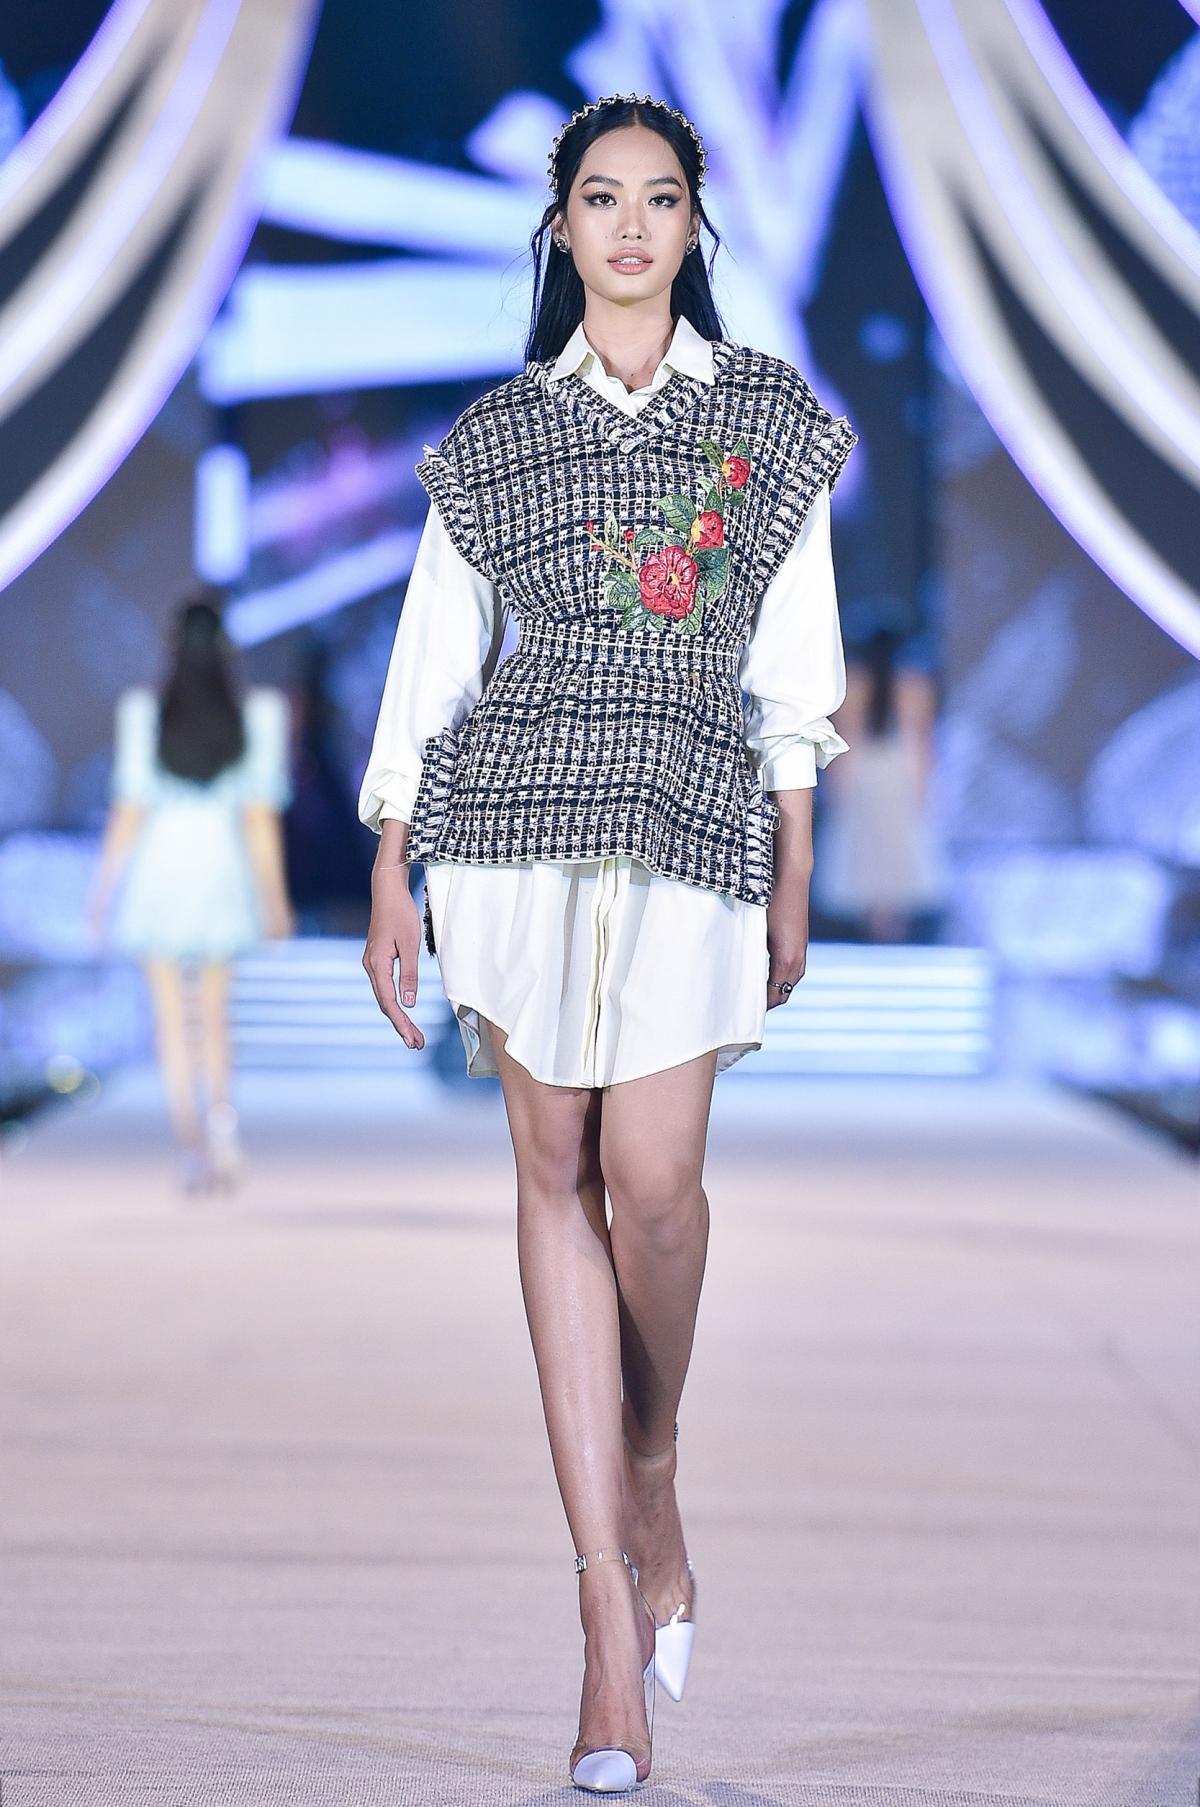 Với những thiết kế đặc sắc được trình diễn trong đêm nay, NTK Lê Thanh Hòa đang dần xóa đi ranh giới giữa những thiết kế thời trang có tính nghệ thuật cao và những thiết kế thời trang mang tính ứng dụng cao.